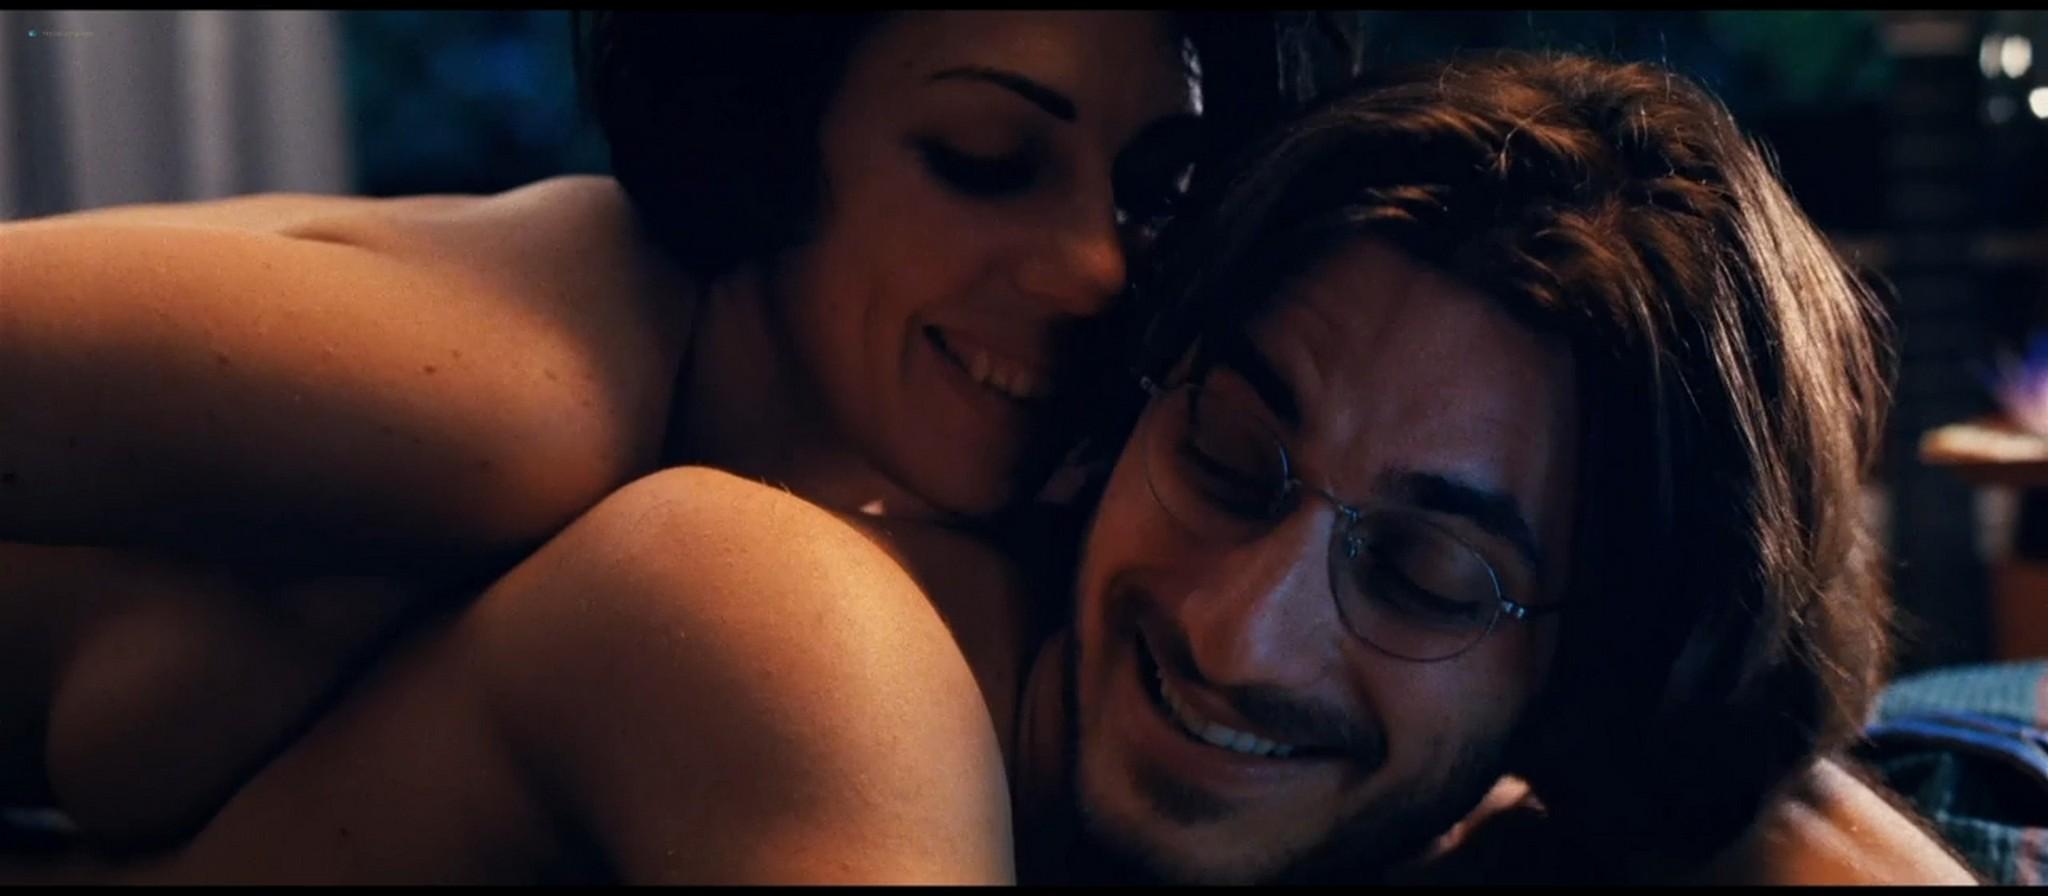 Thony Federica Victoria Caiozzo nude butt and sex Stefania Felicioli sexy Tutti i santi giorni IT 2012 720p BluRay 11